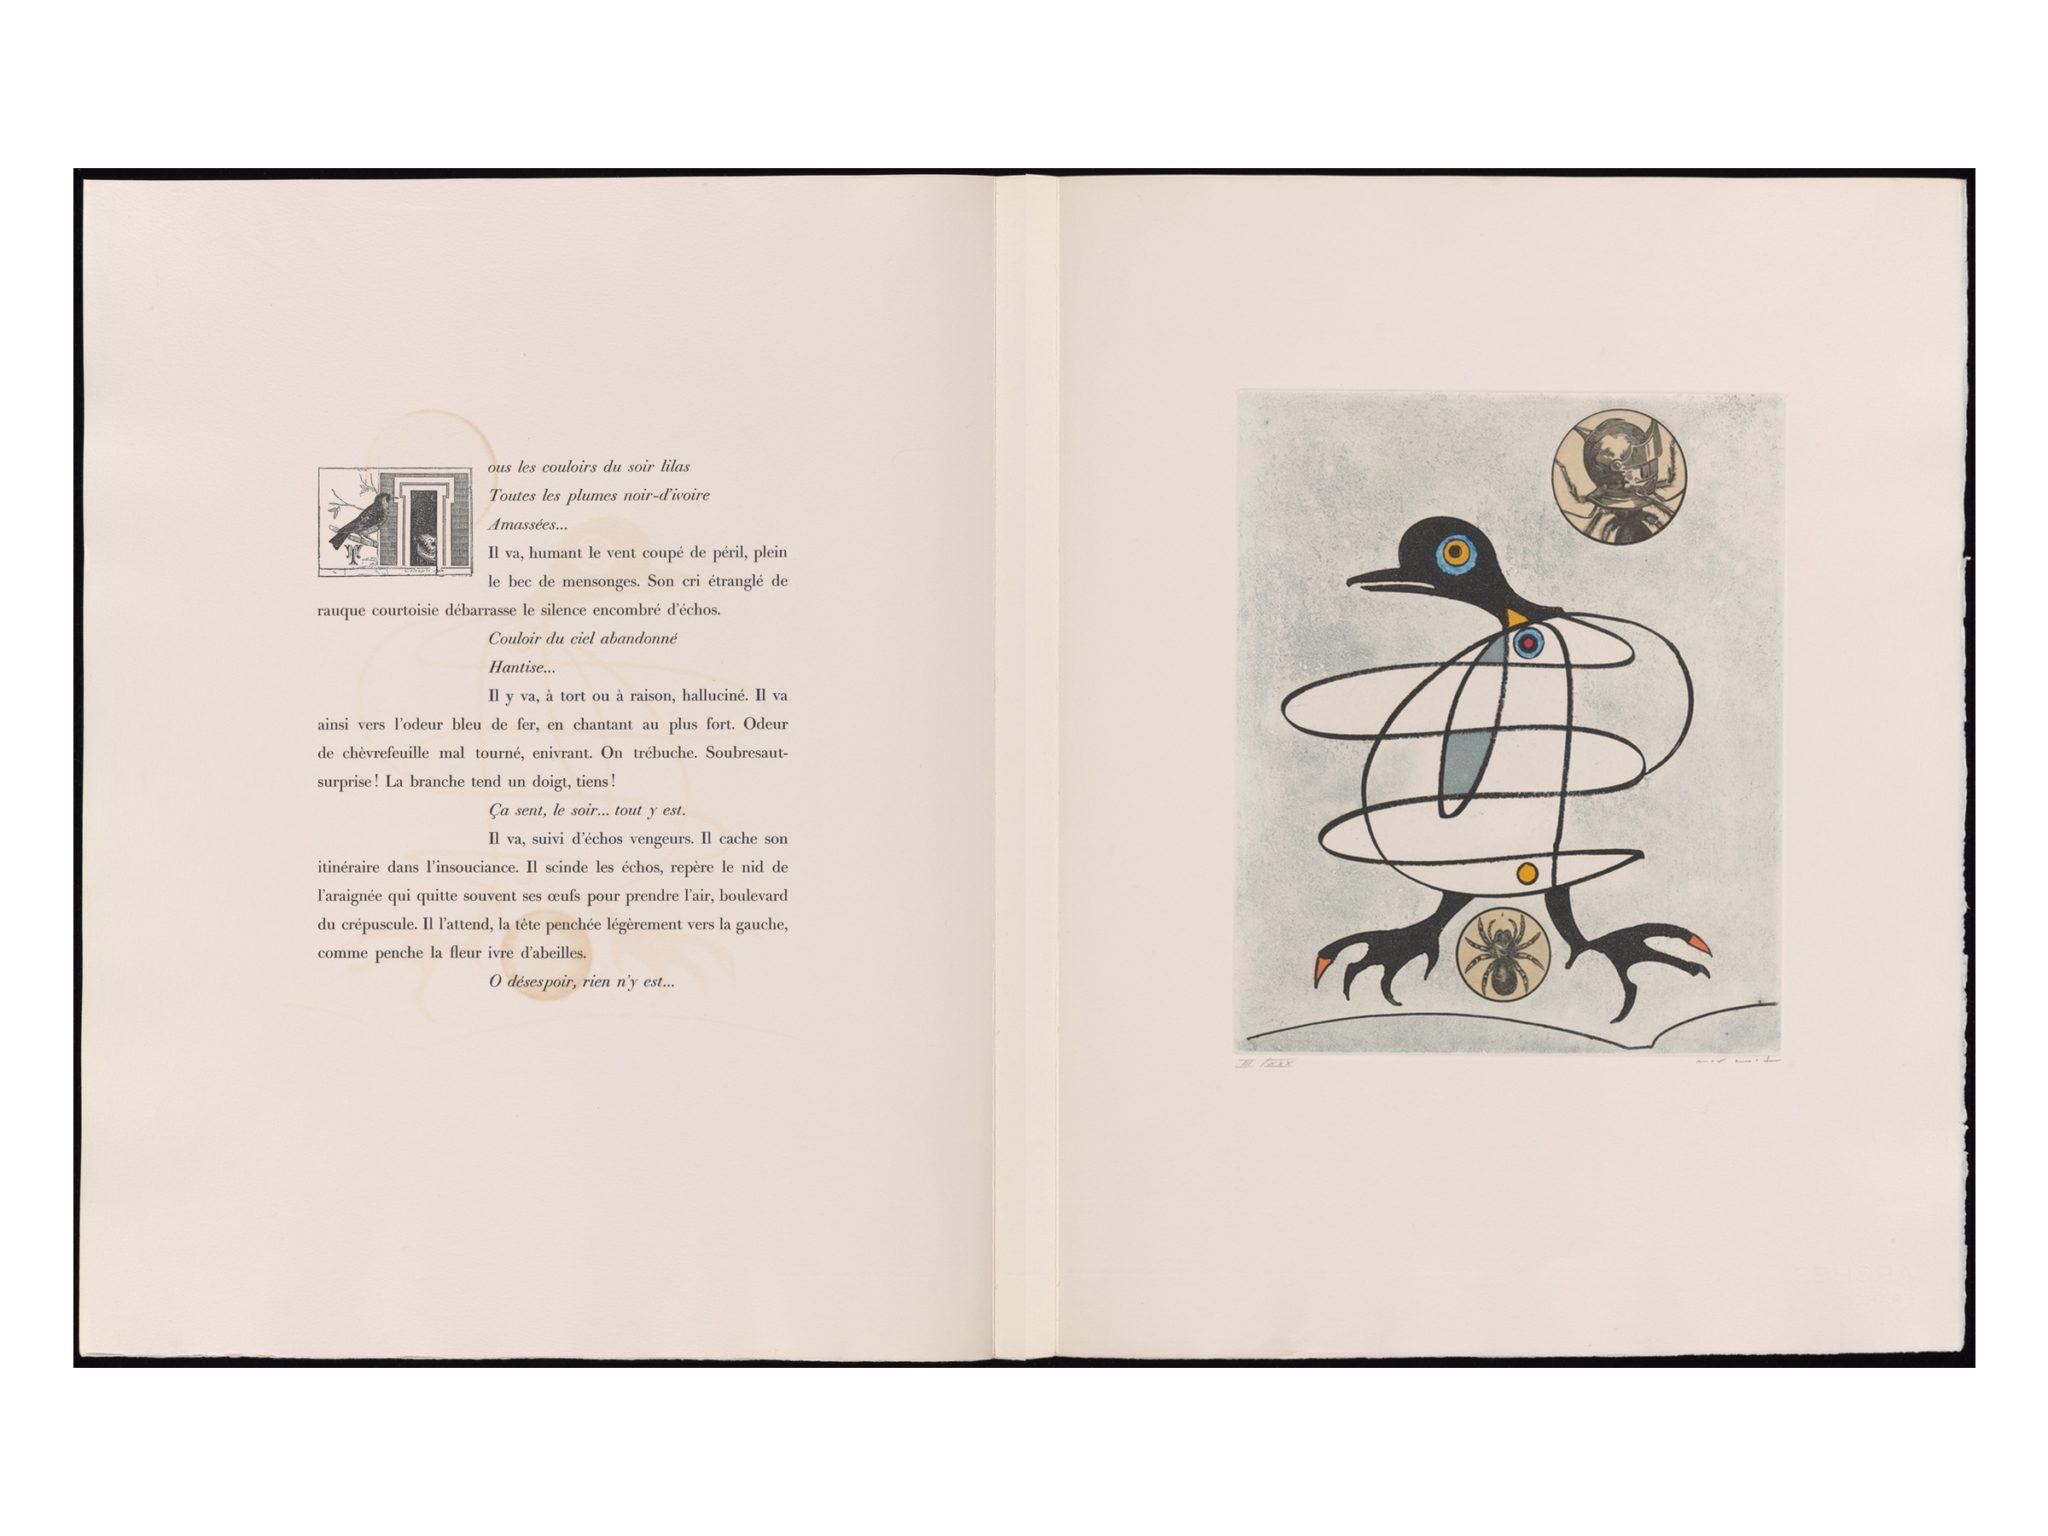 oiseaux-en-peril-07